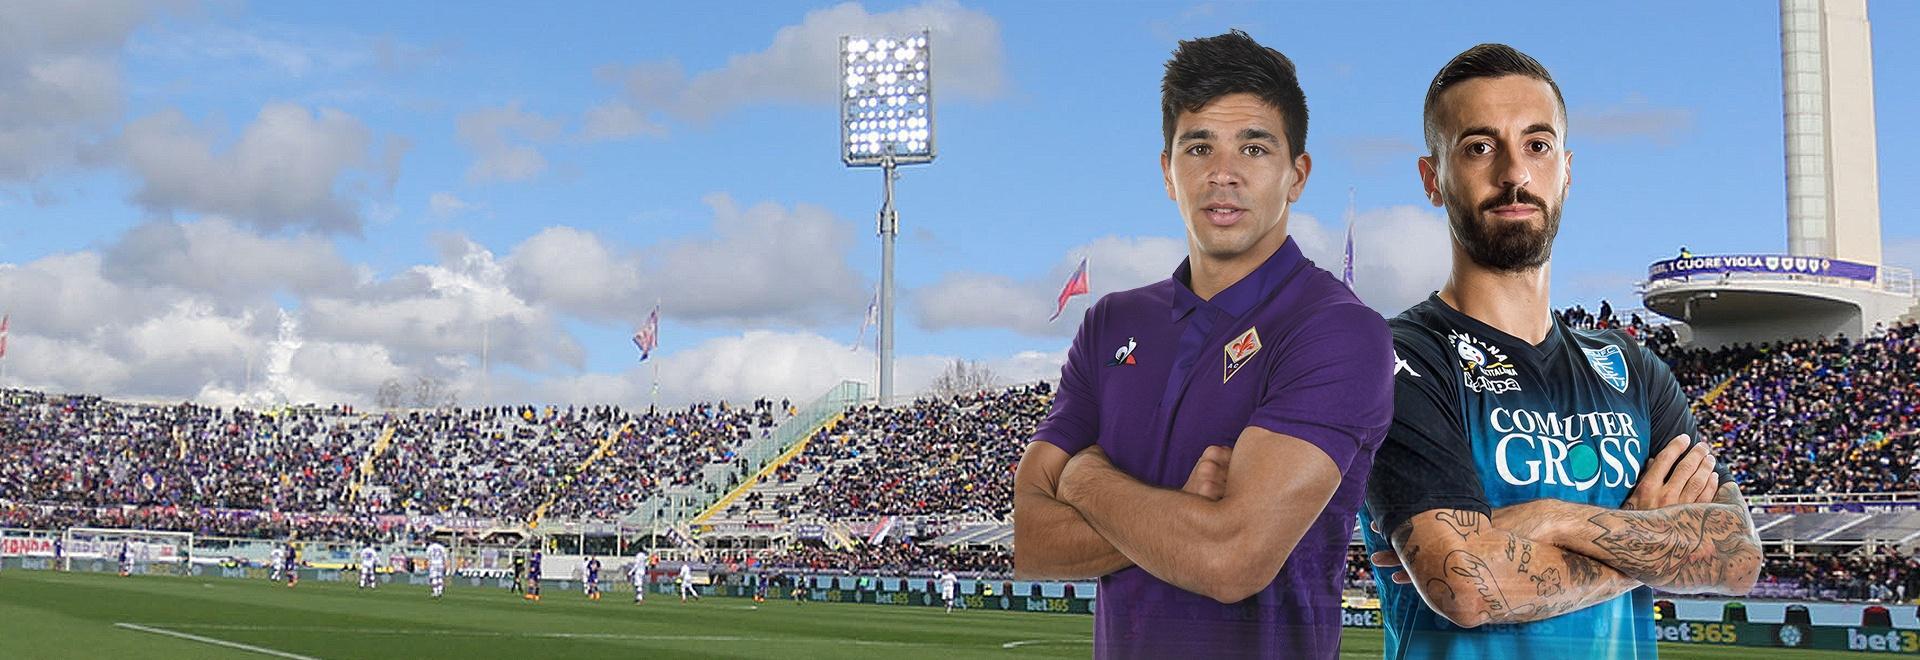 Fiorentina - Empoli. 16a g.